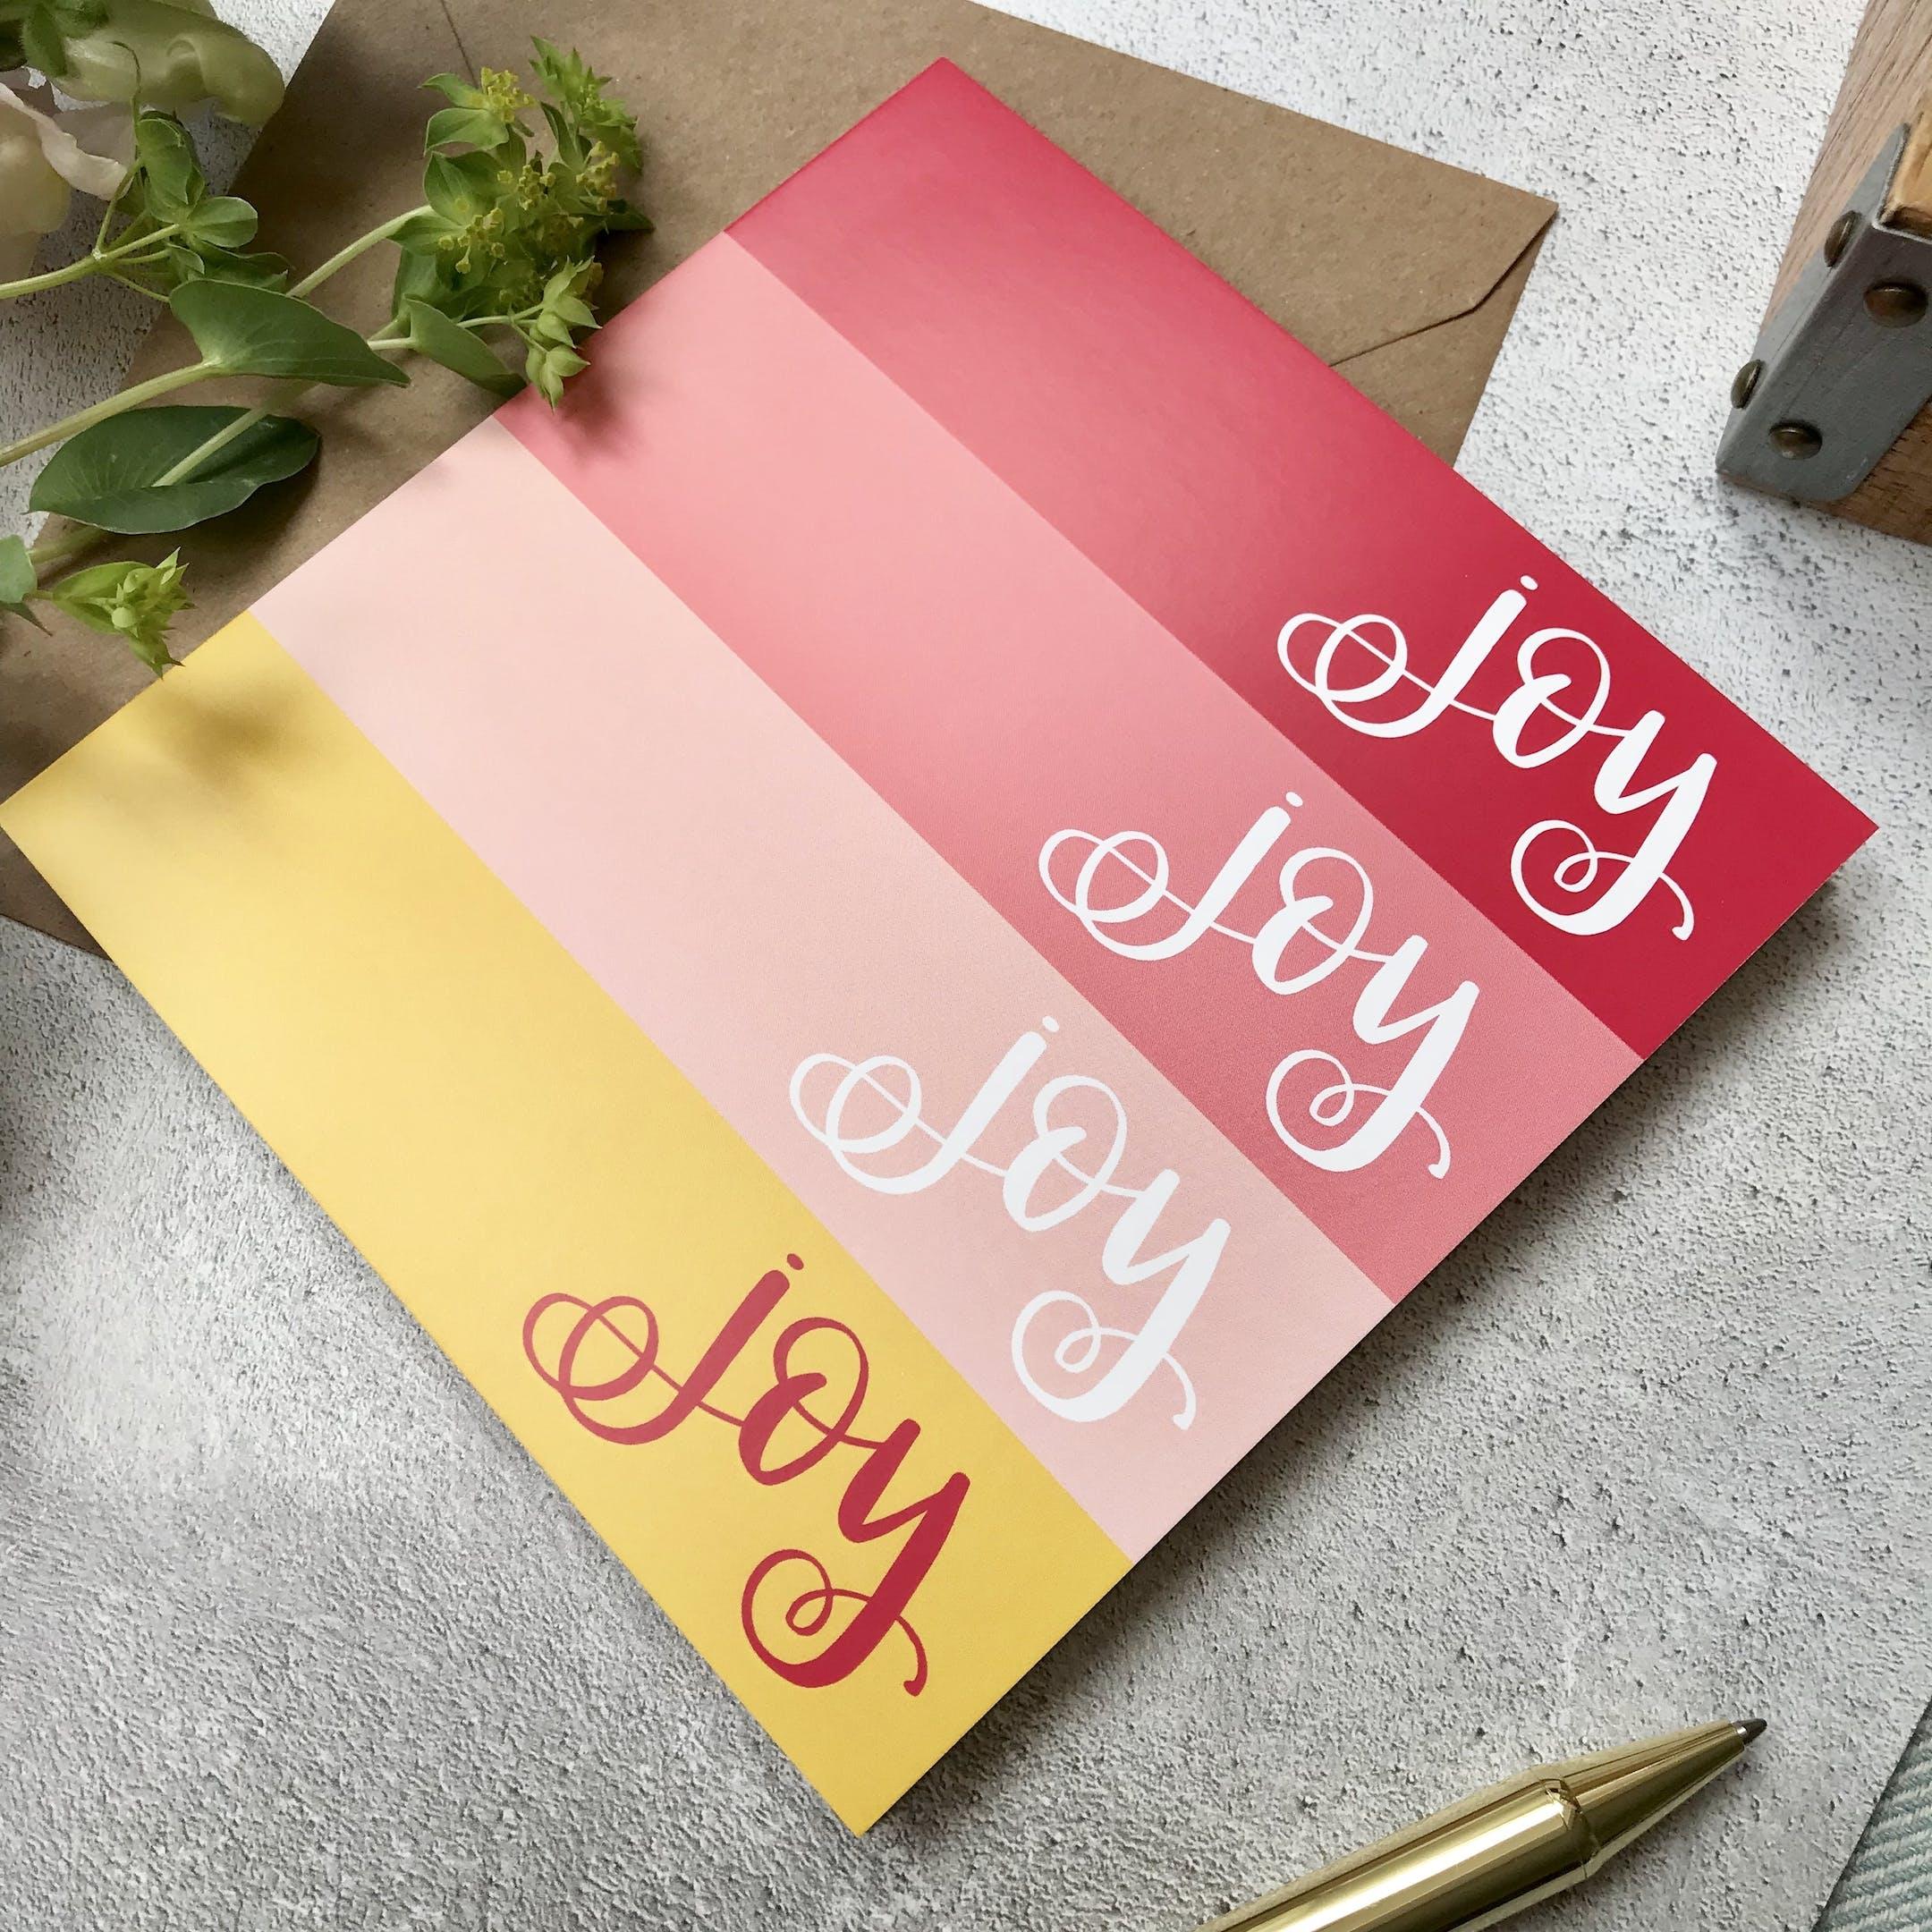 Hope and Ginger Card - Joy Joy Joy Joy - Pink